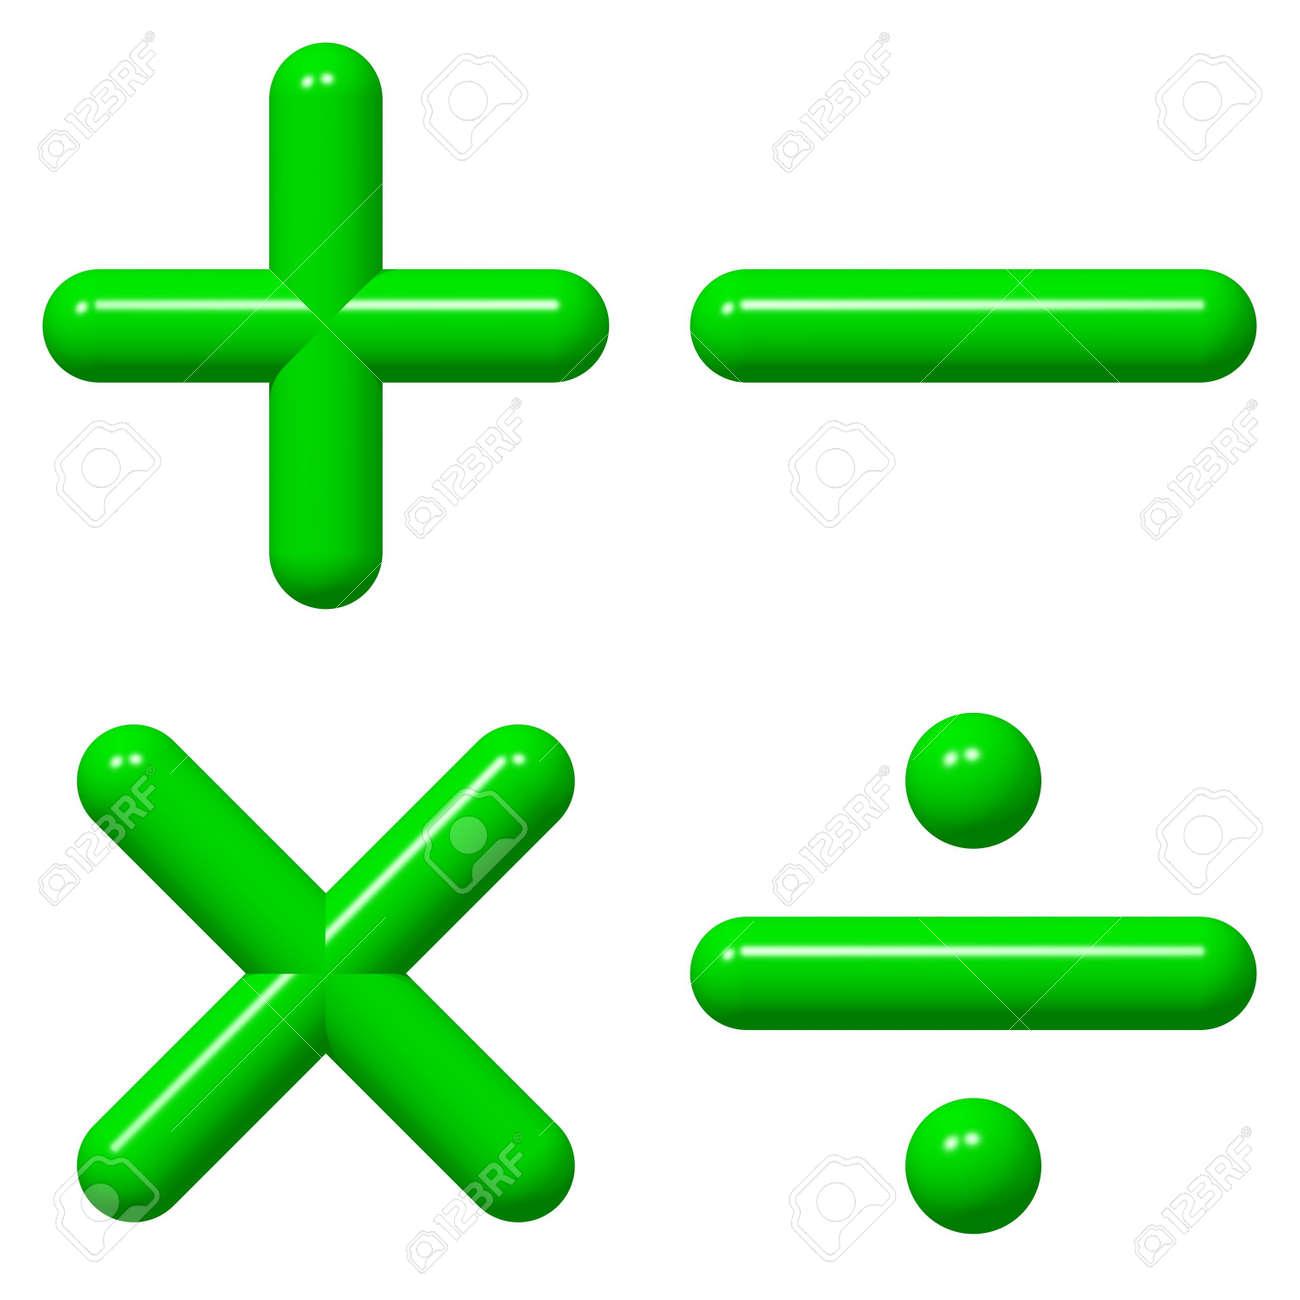 Shiny math symbols isolated on white Stock Photo - 3560383